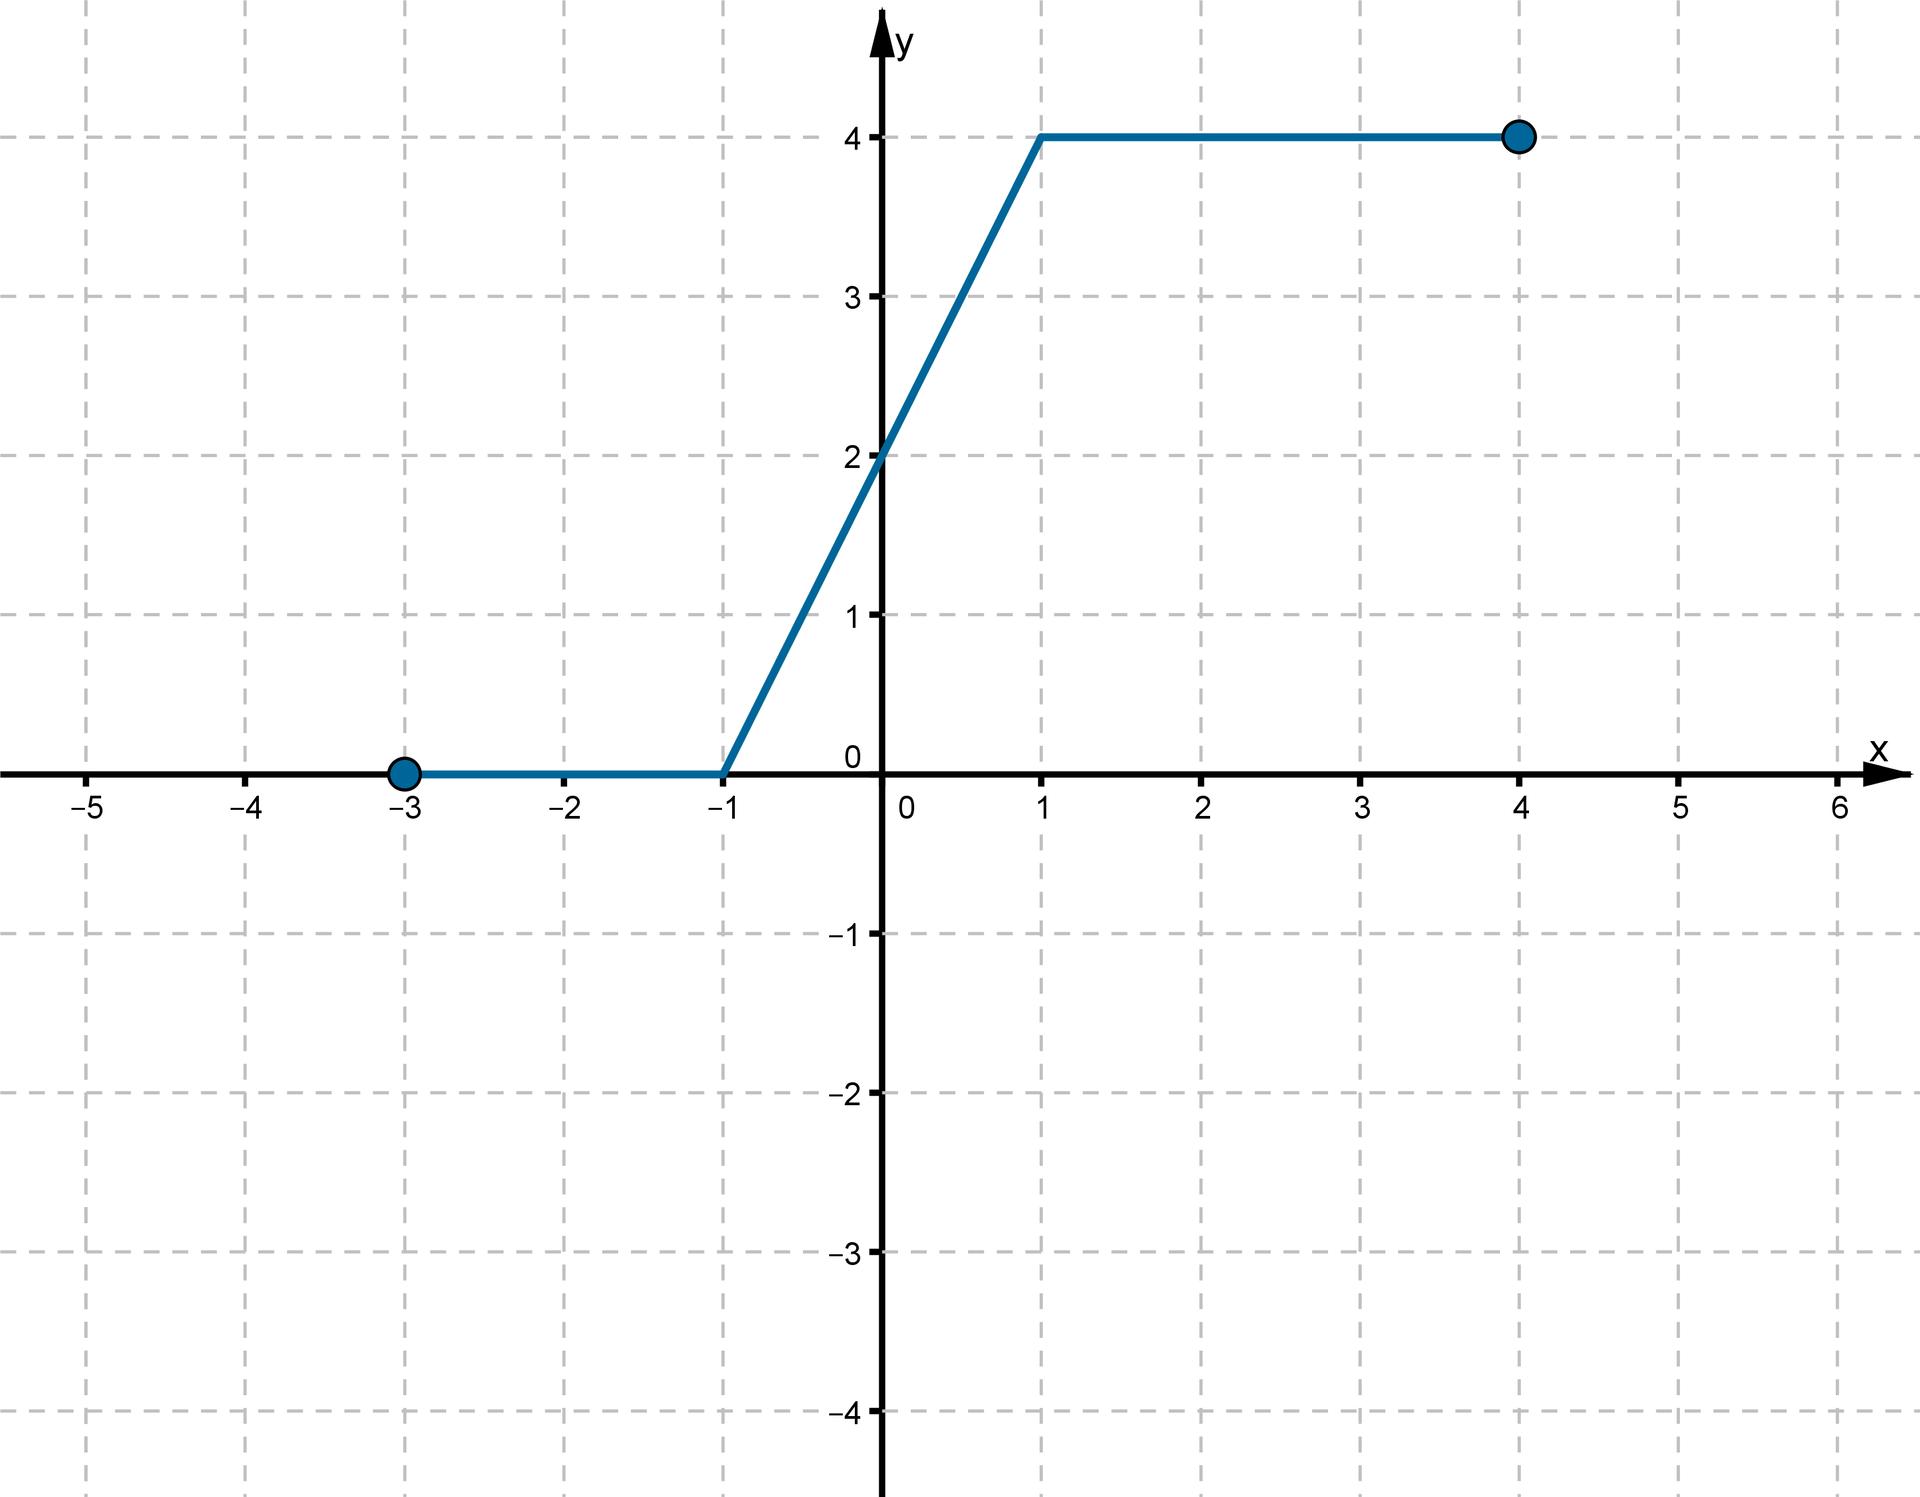 Wykres otrzymany wwyniku przesunięcia funkcji fo2 jednostki wgórę wzdłuż osi OY jest rozwiązaniem zadania podpunkt a. Do wykresu należą punkty owspółrzędnych (-3, 0), (-1, 0), (0, 2), (1, 4), (4, 4).